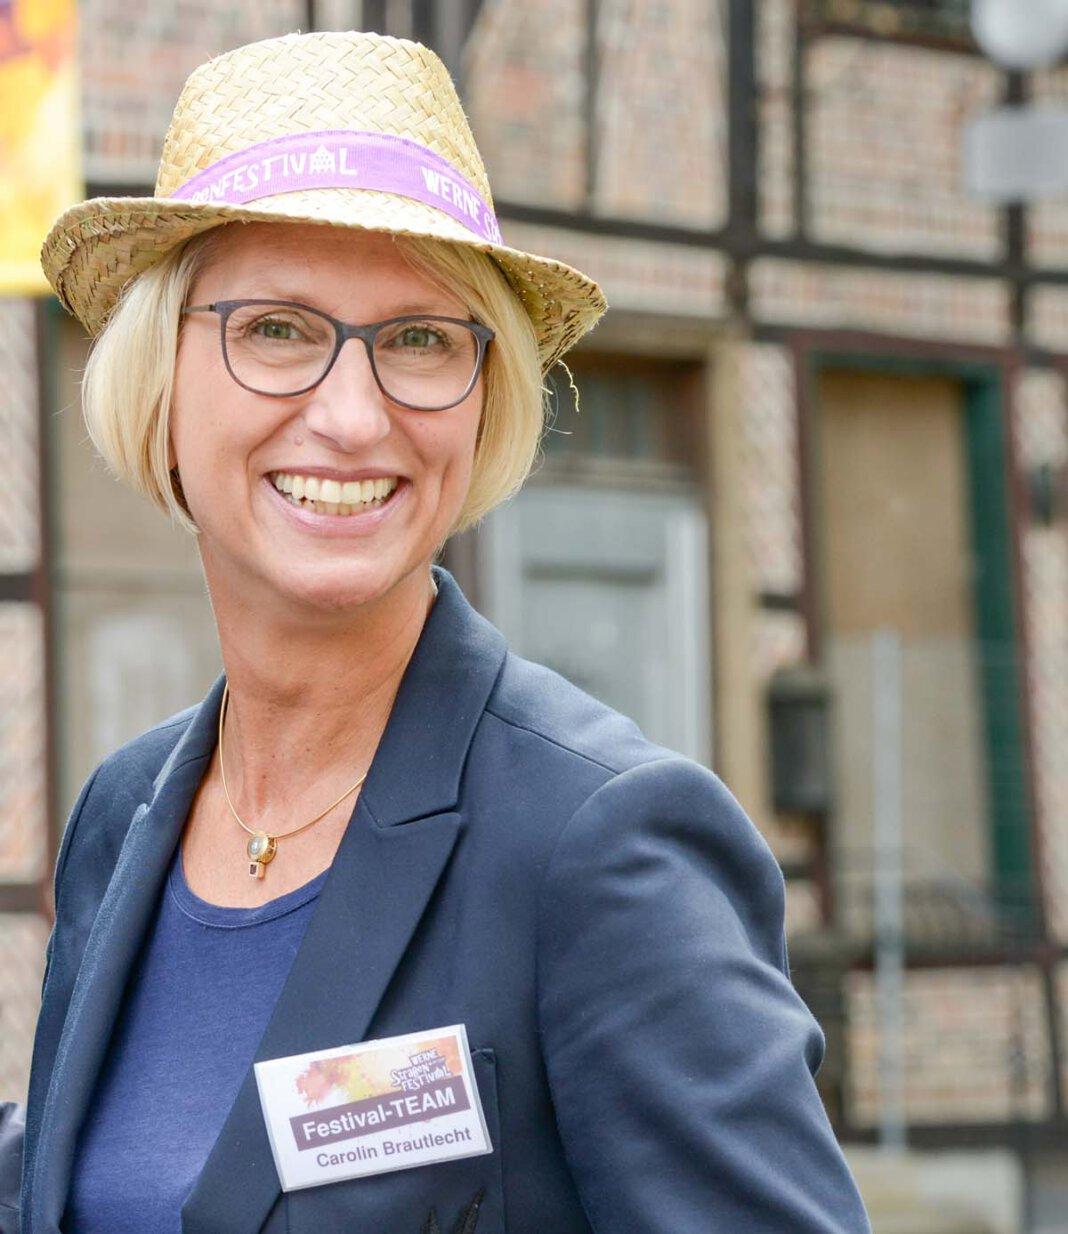 Mit dem Straßen-Festival landete Carolin Brautlecht während ihrer Zeit als Geschäftsführerin von Werne Marketing einen Glücksgriff. Foto: Nicole Friedrich / Werne Marketing